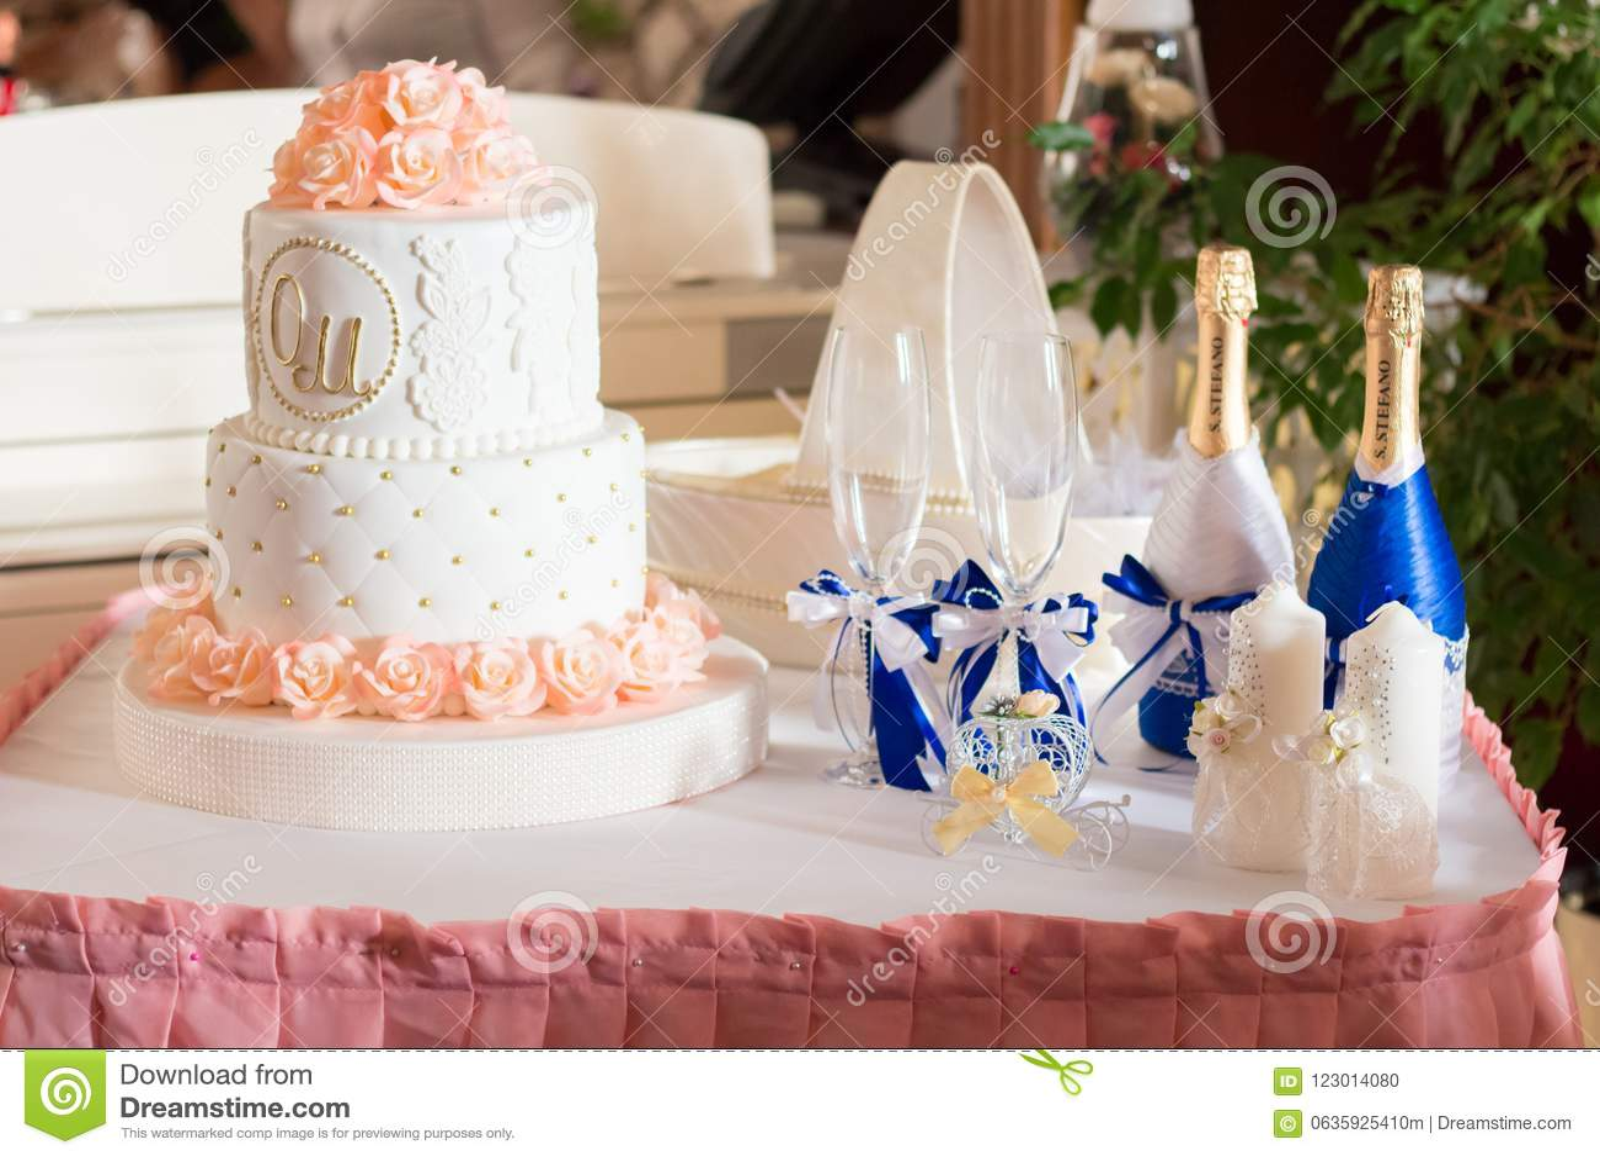 Susse Hochzeitstorte Mit Rosen Redaktionelles Bild Bild Von Brot